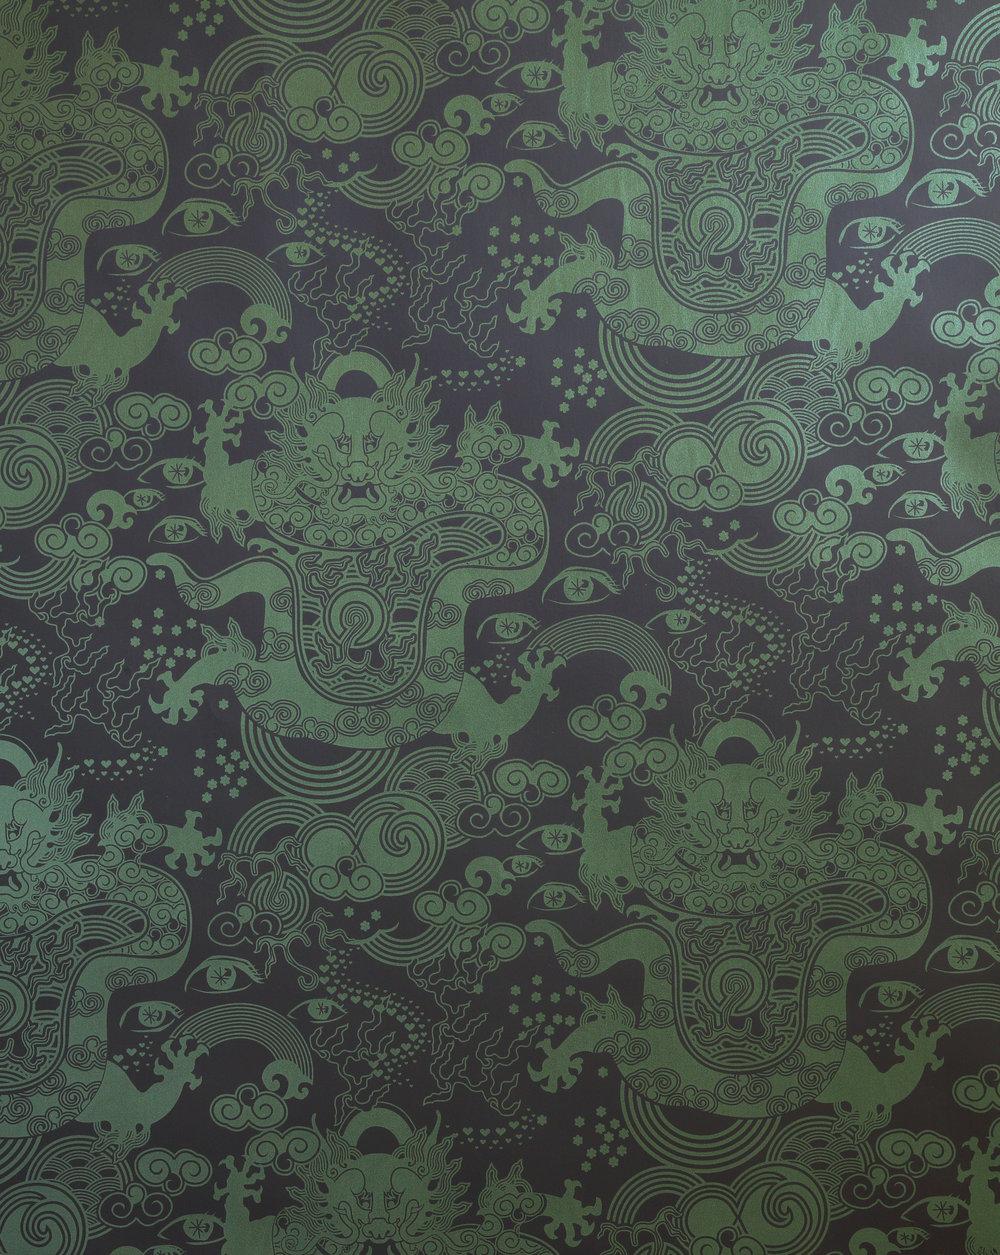 Celestial Dragon Super Green.jpg